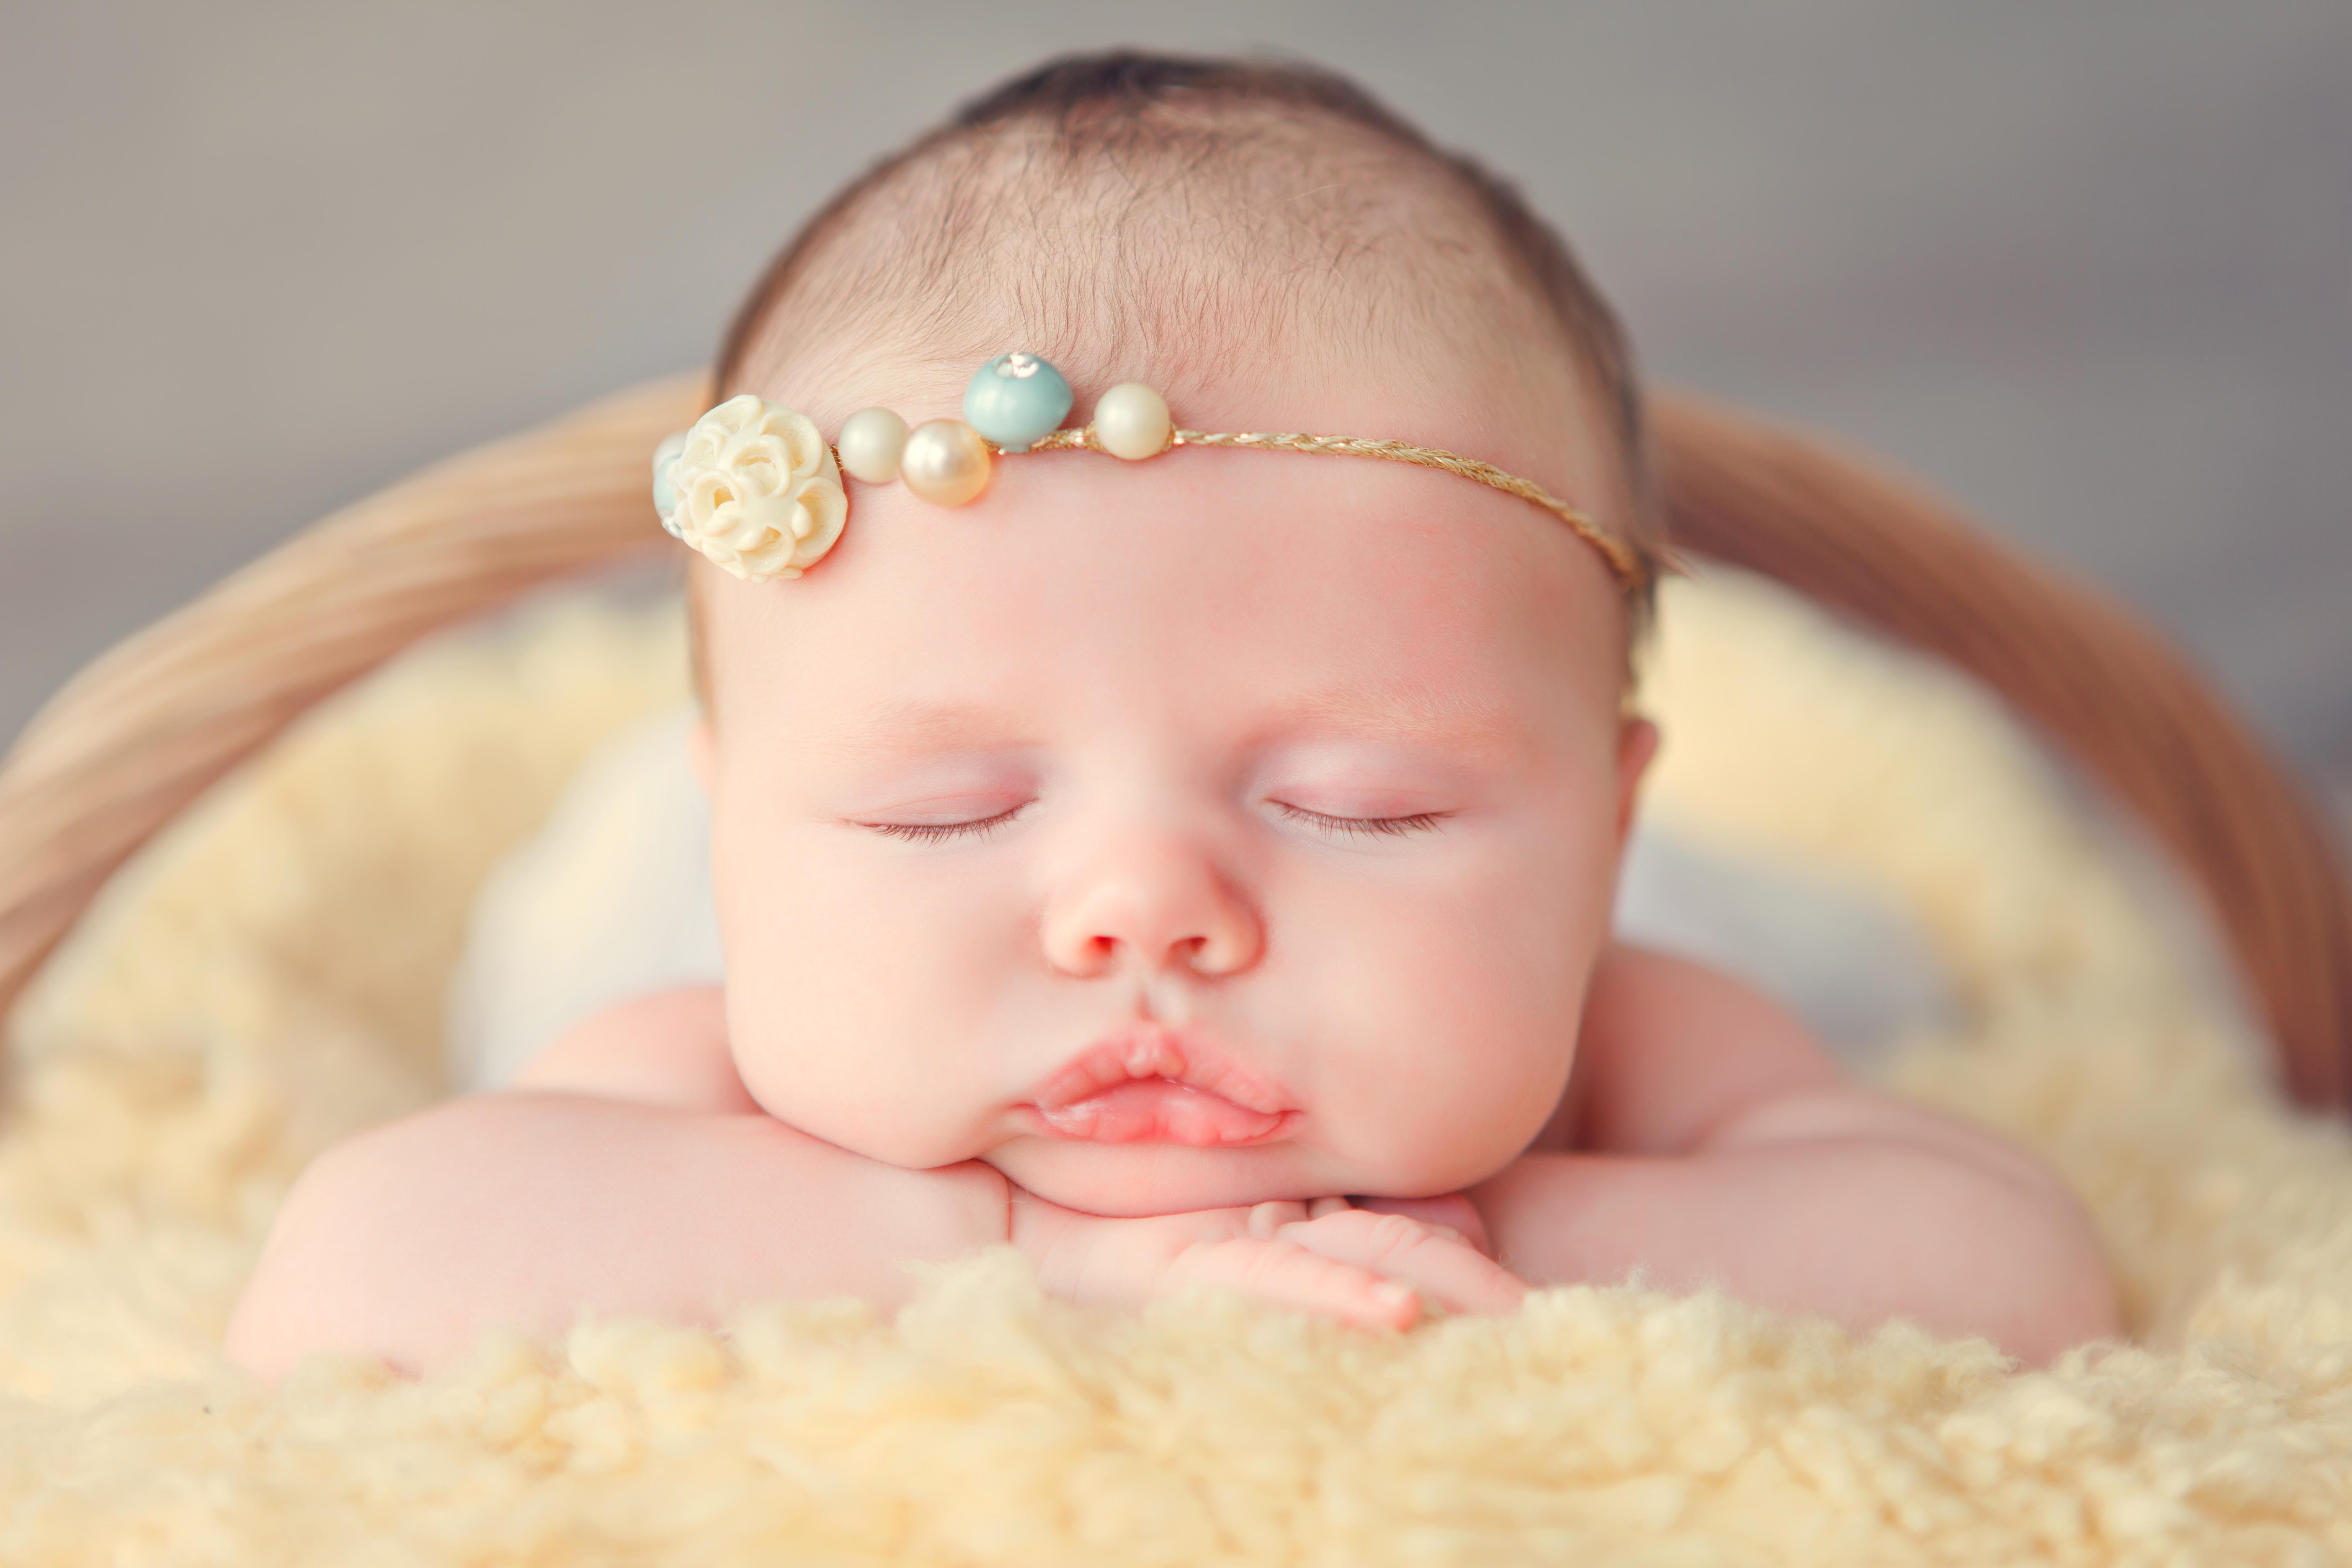 infant stormis face - HD5616×3744